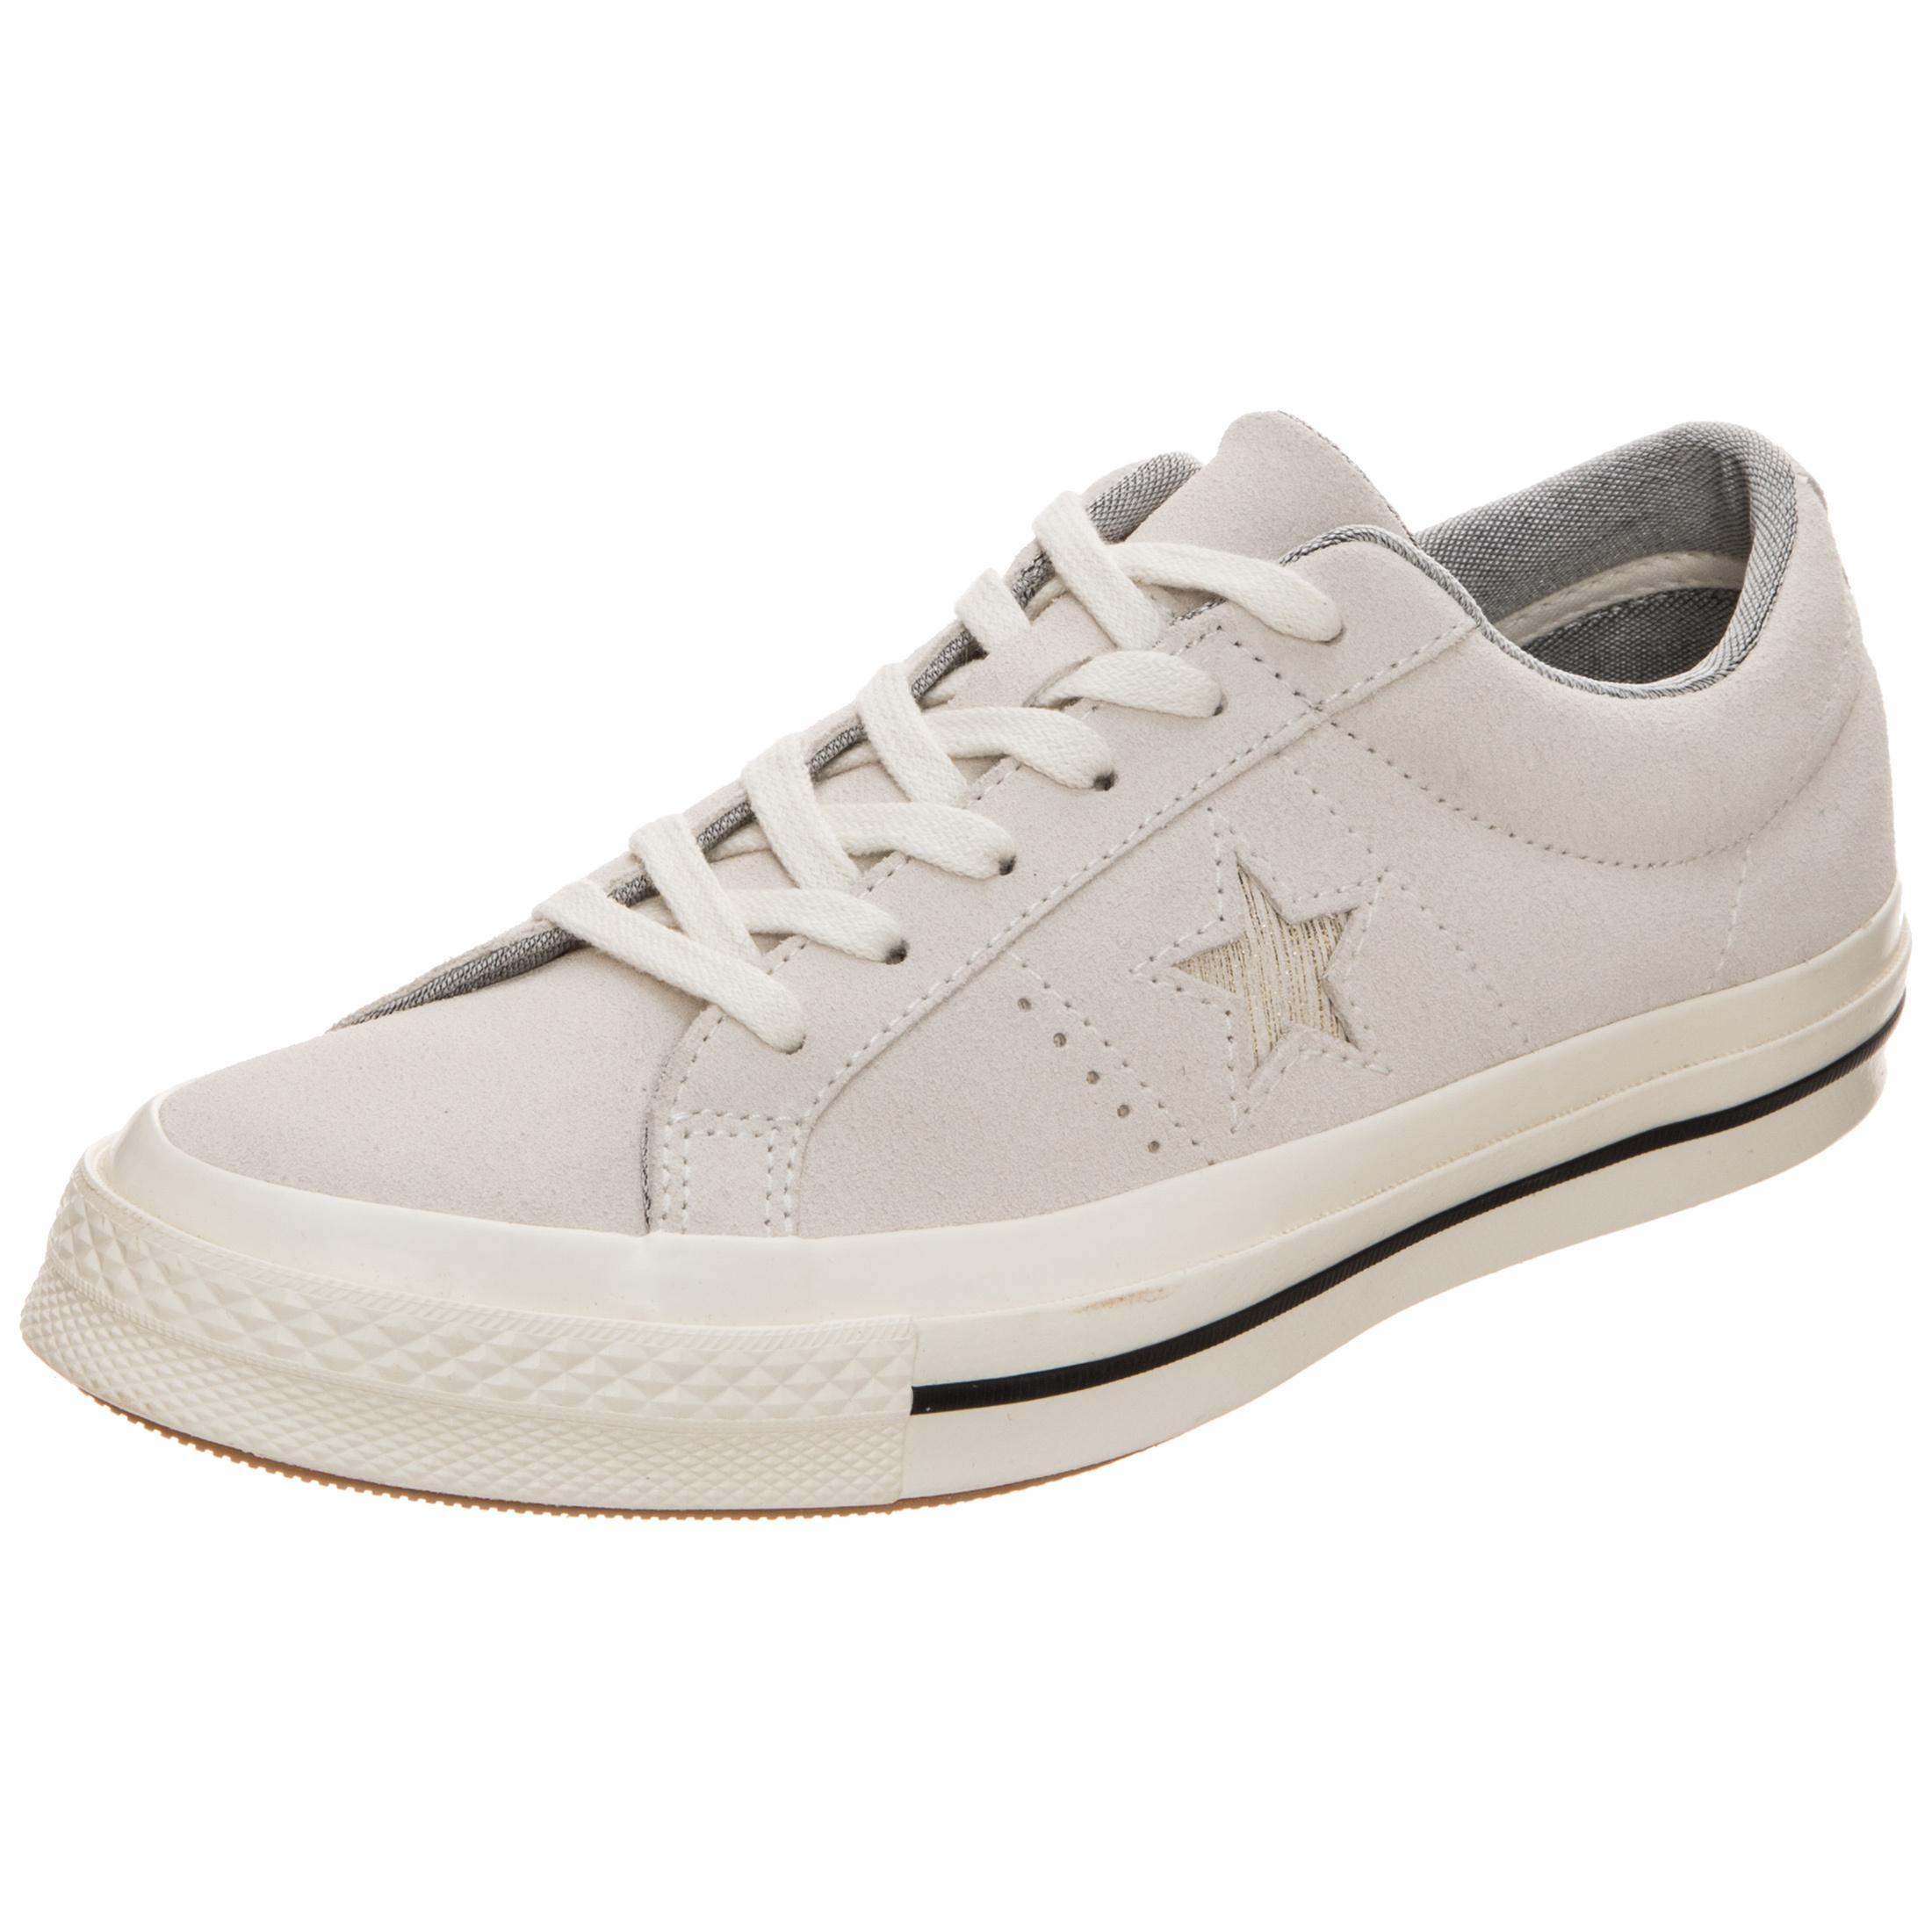 CONVERSE Cons One One One Star Precious Metal Suede Turnschuhe Damen hellgrau im Online Shop von SportScheck kaufen Gute Qualität beliebte Schuhe d070a4